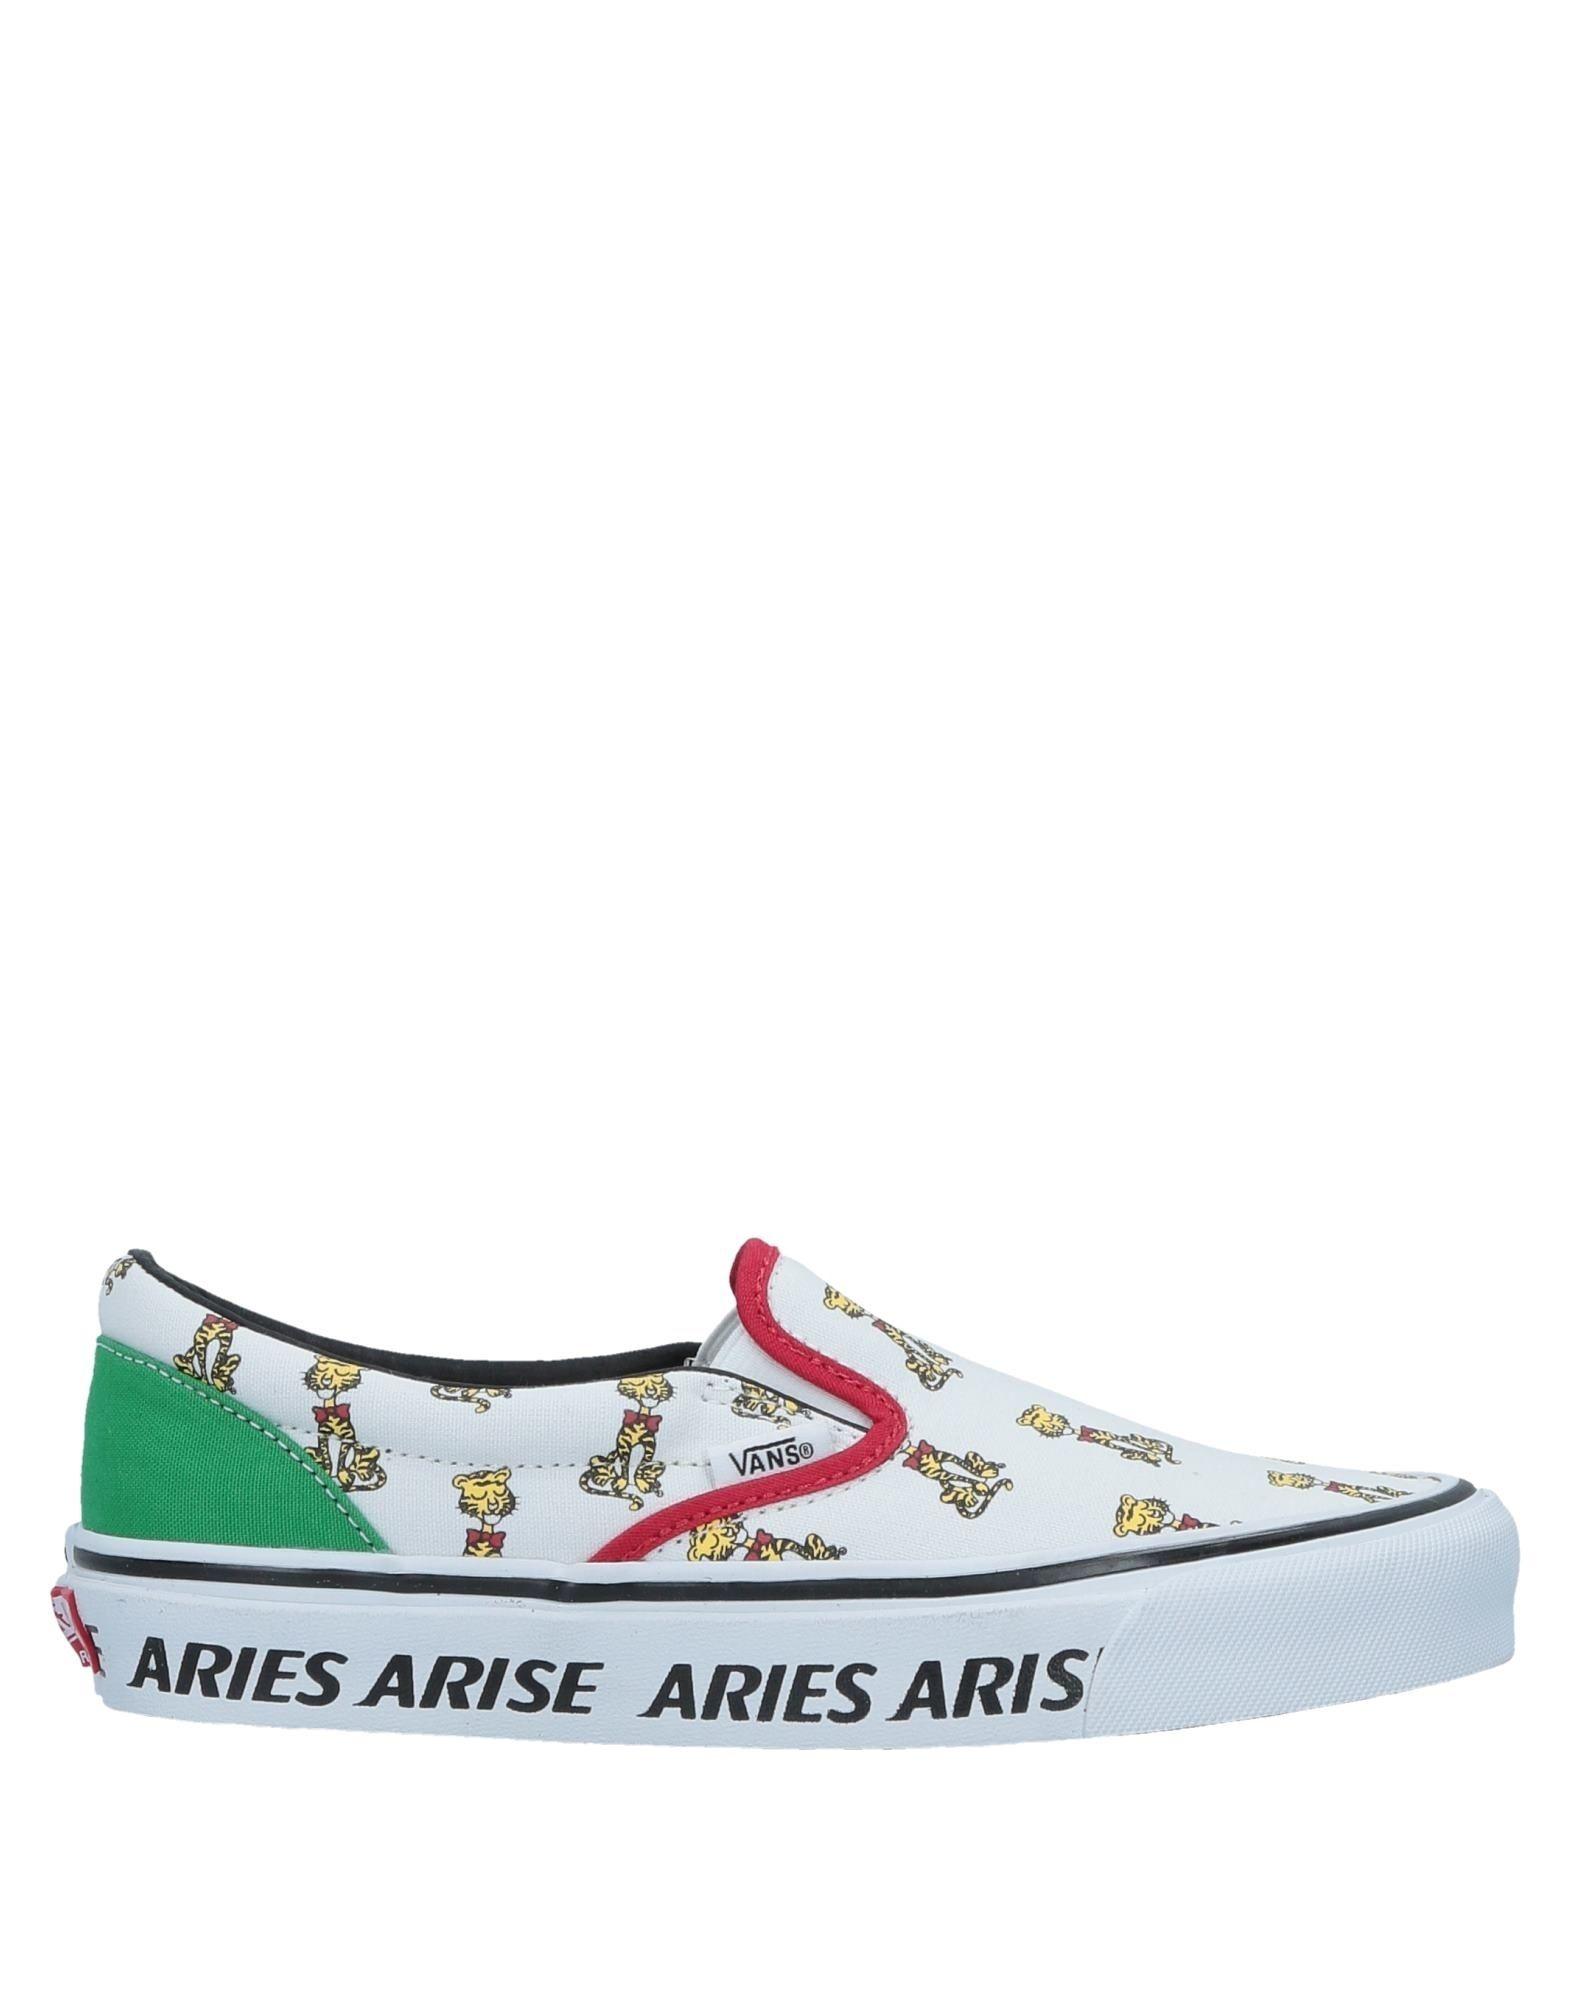 Vans Sneakers Damen beliebte  11526733PA Gute Qualität beliebte Damen Schuhe b1b911